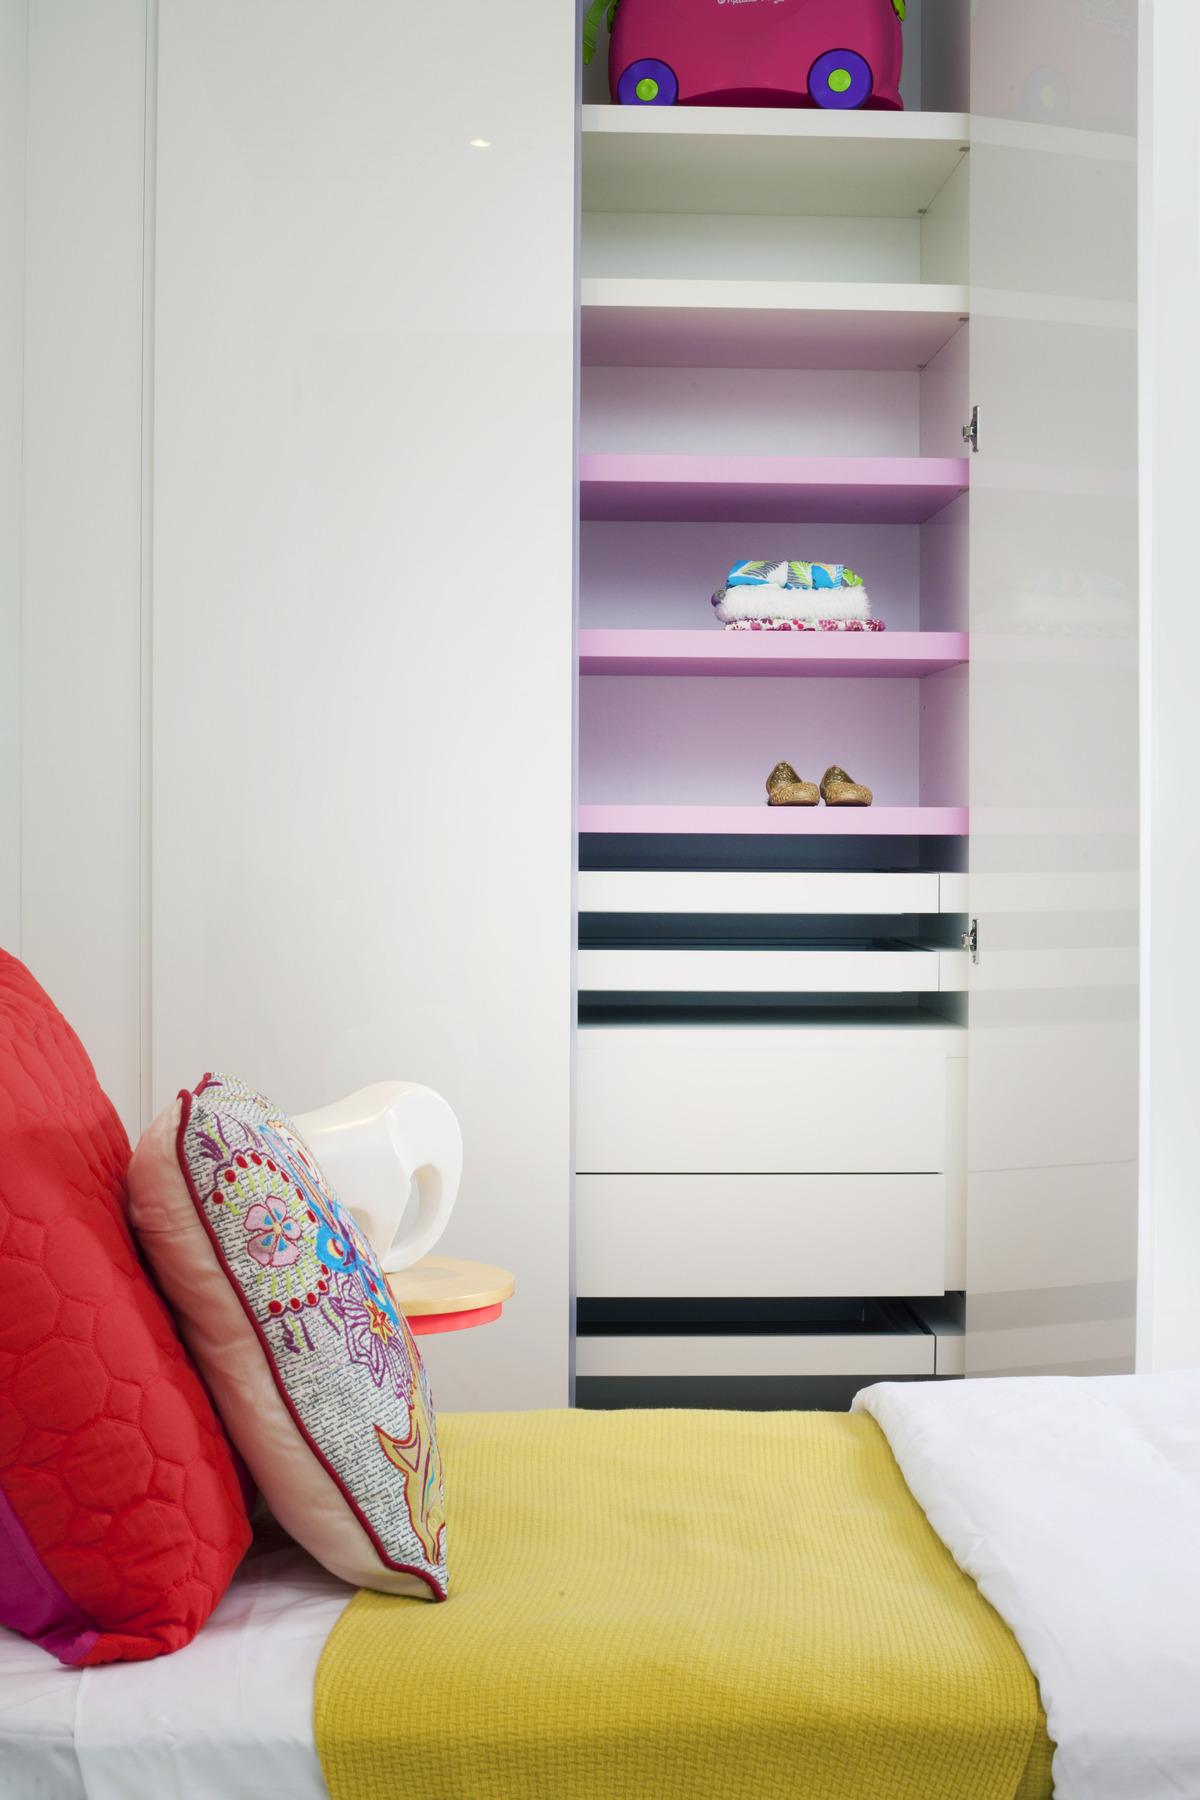 Childrens Bedroom / Closet Detail - Miami Interior Design